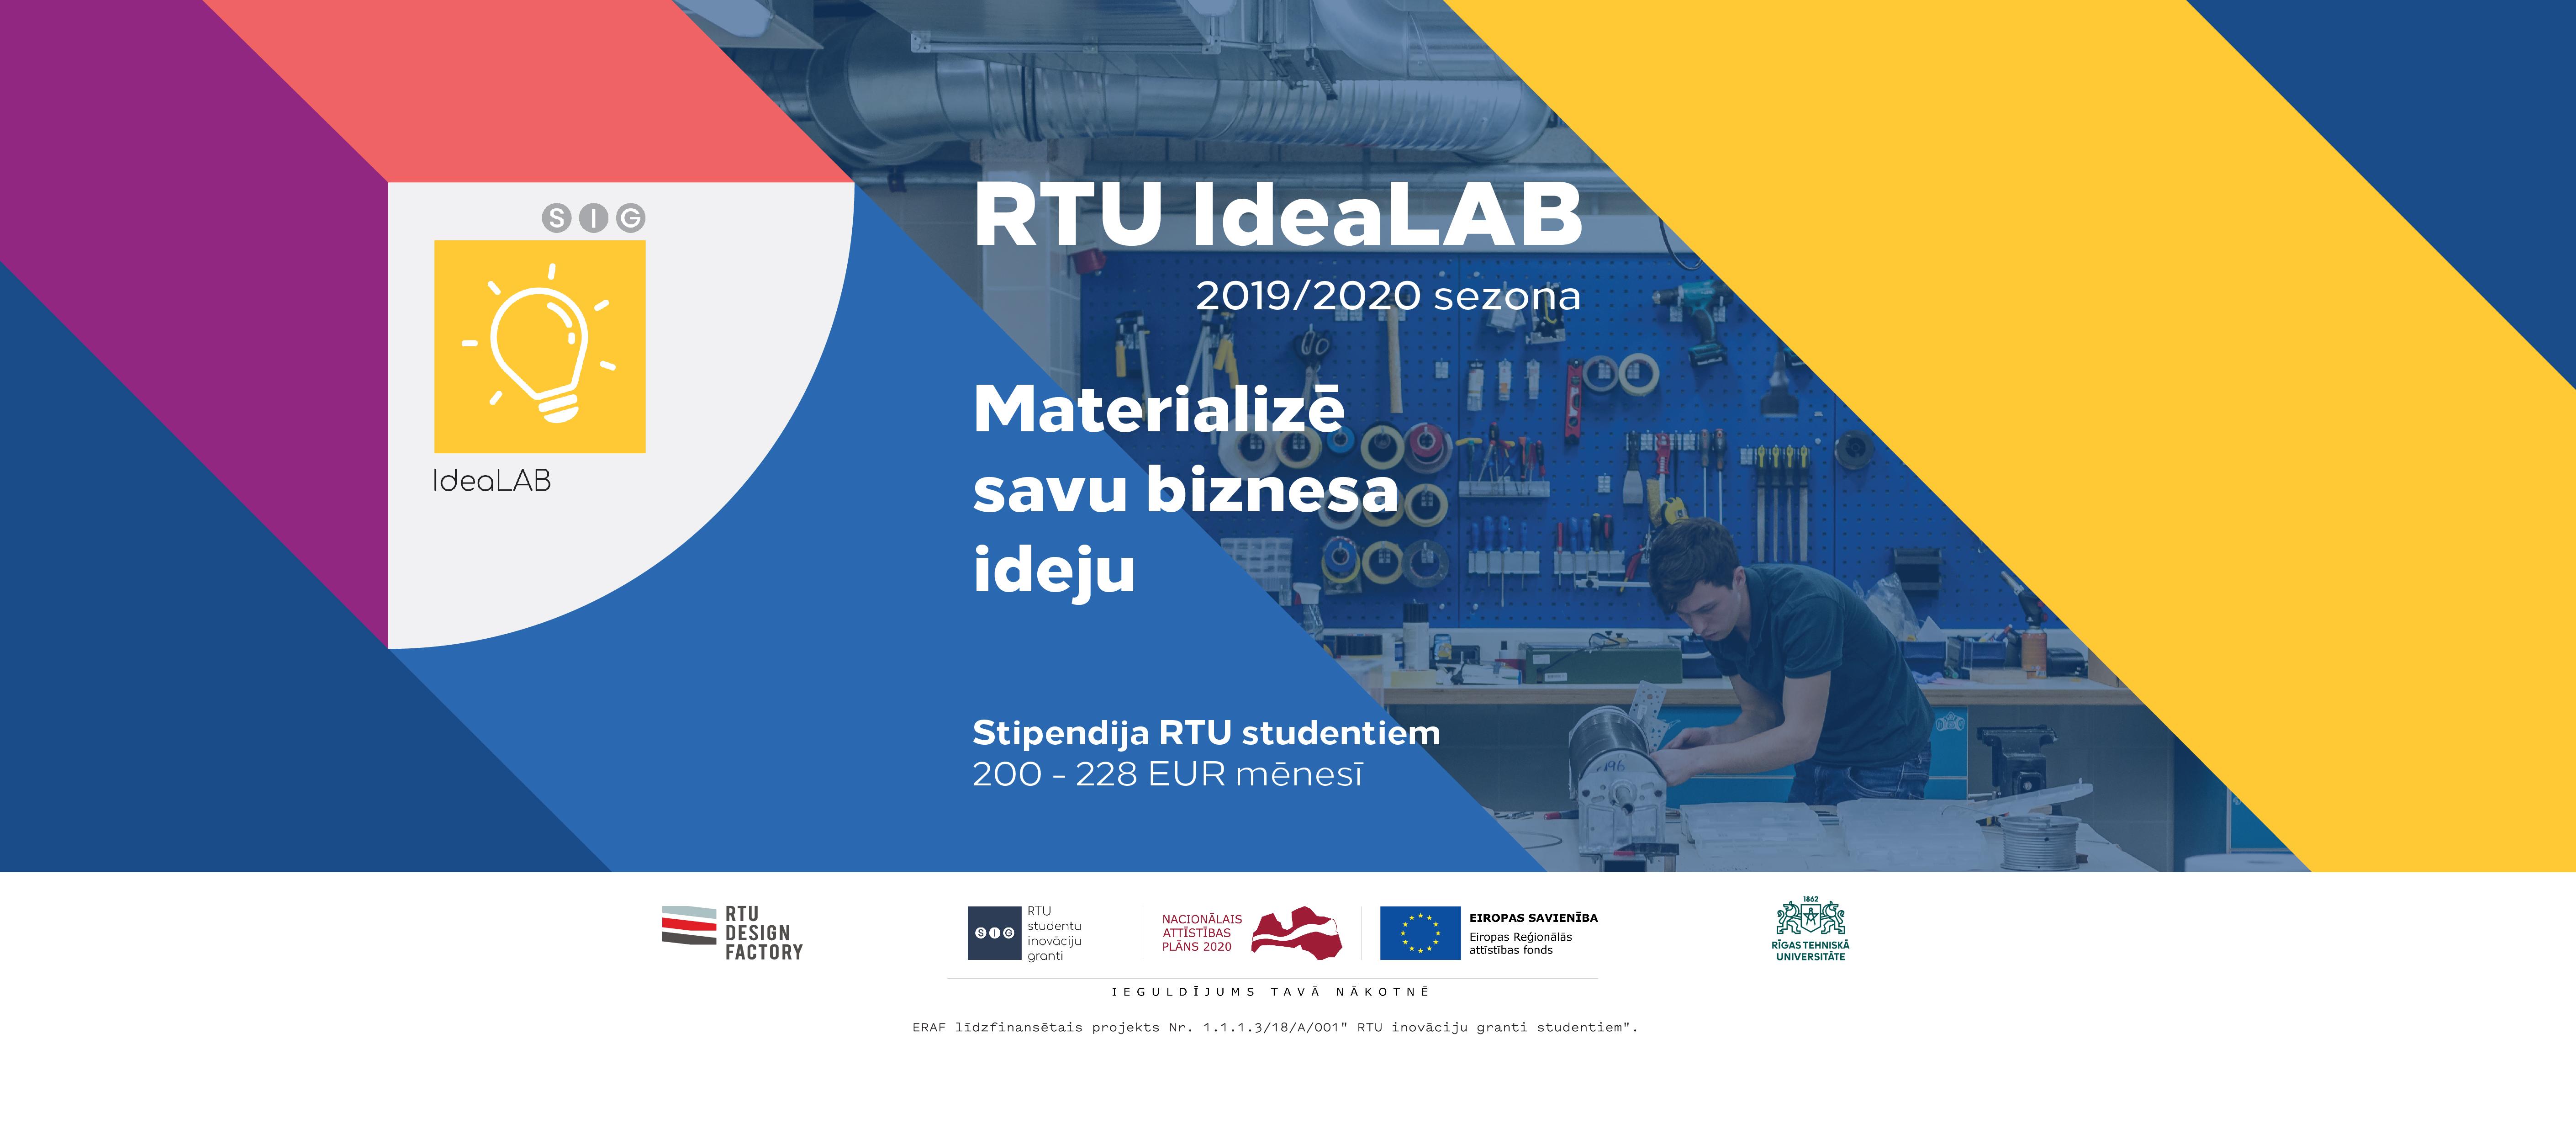 Pirmsinkubators, inkubators, RTU Studentu inovācijas grants, idealab, uzņēmējdarbība, biznes, studenti